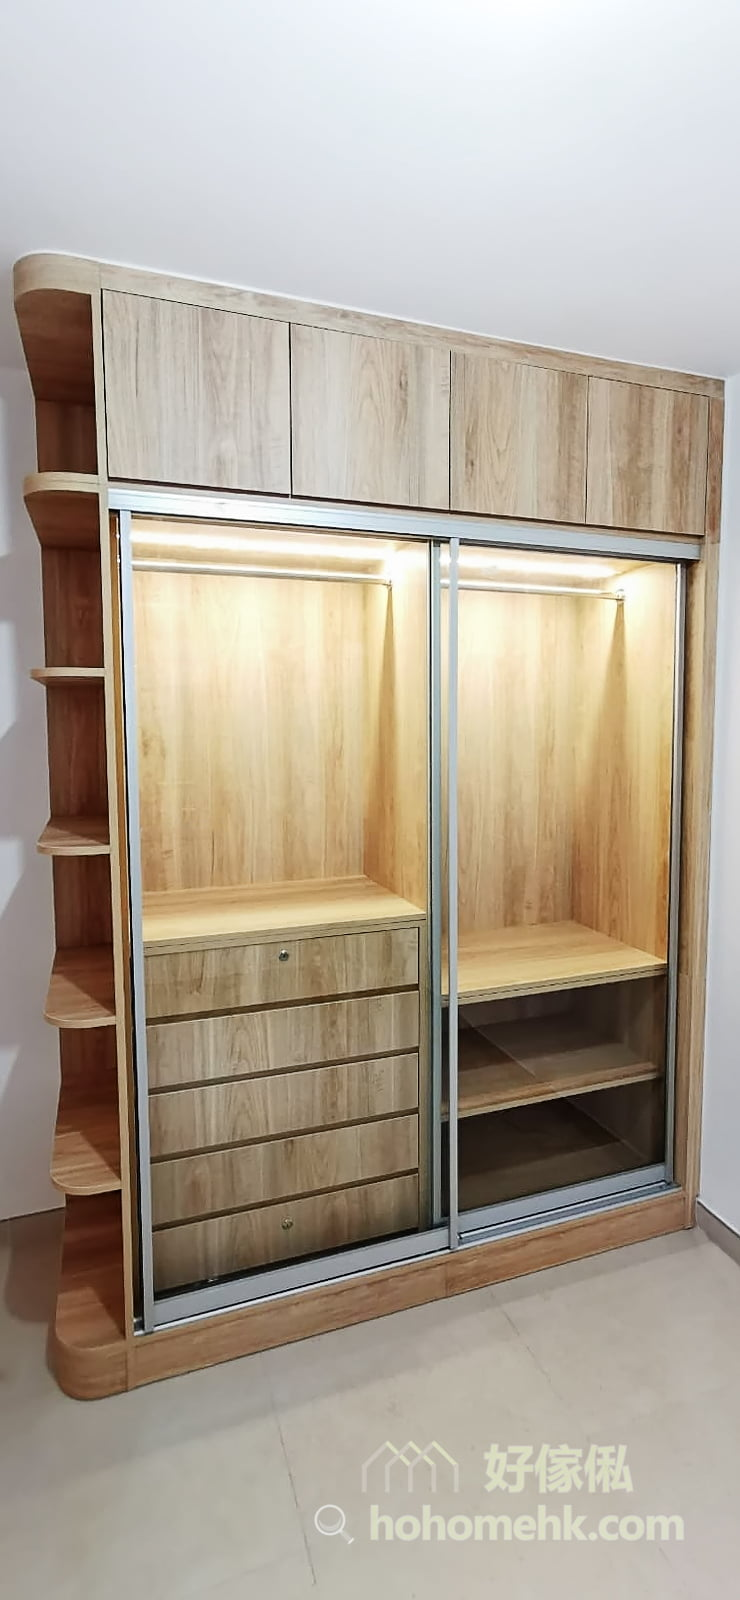 在衣櫃裡加裝適當的燈飾,不單找衣物更方便,燈光從玻璃門透出來的時候,令整個衣櫃的質感瞬間提升